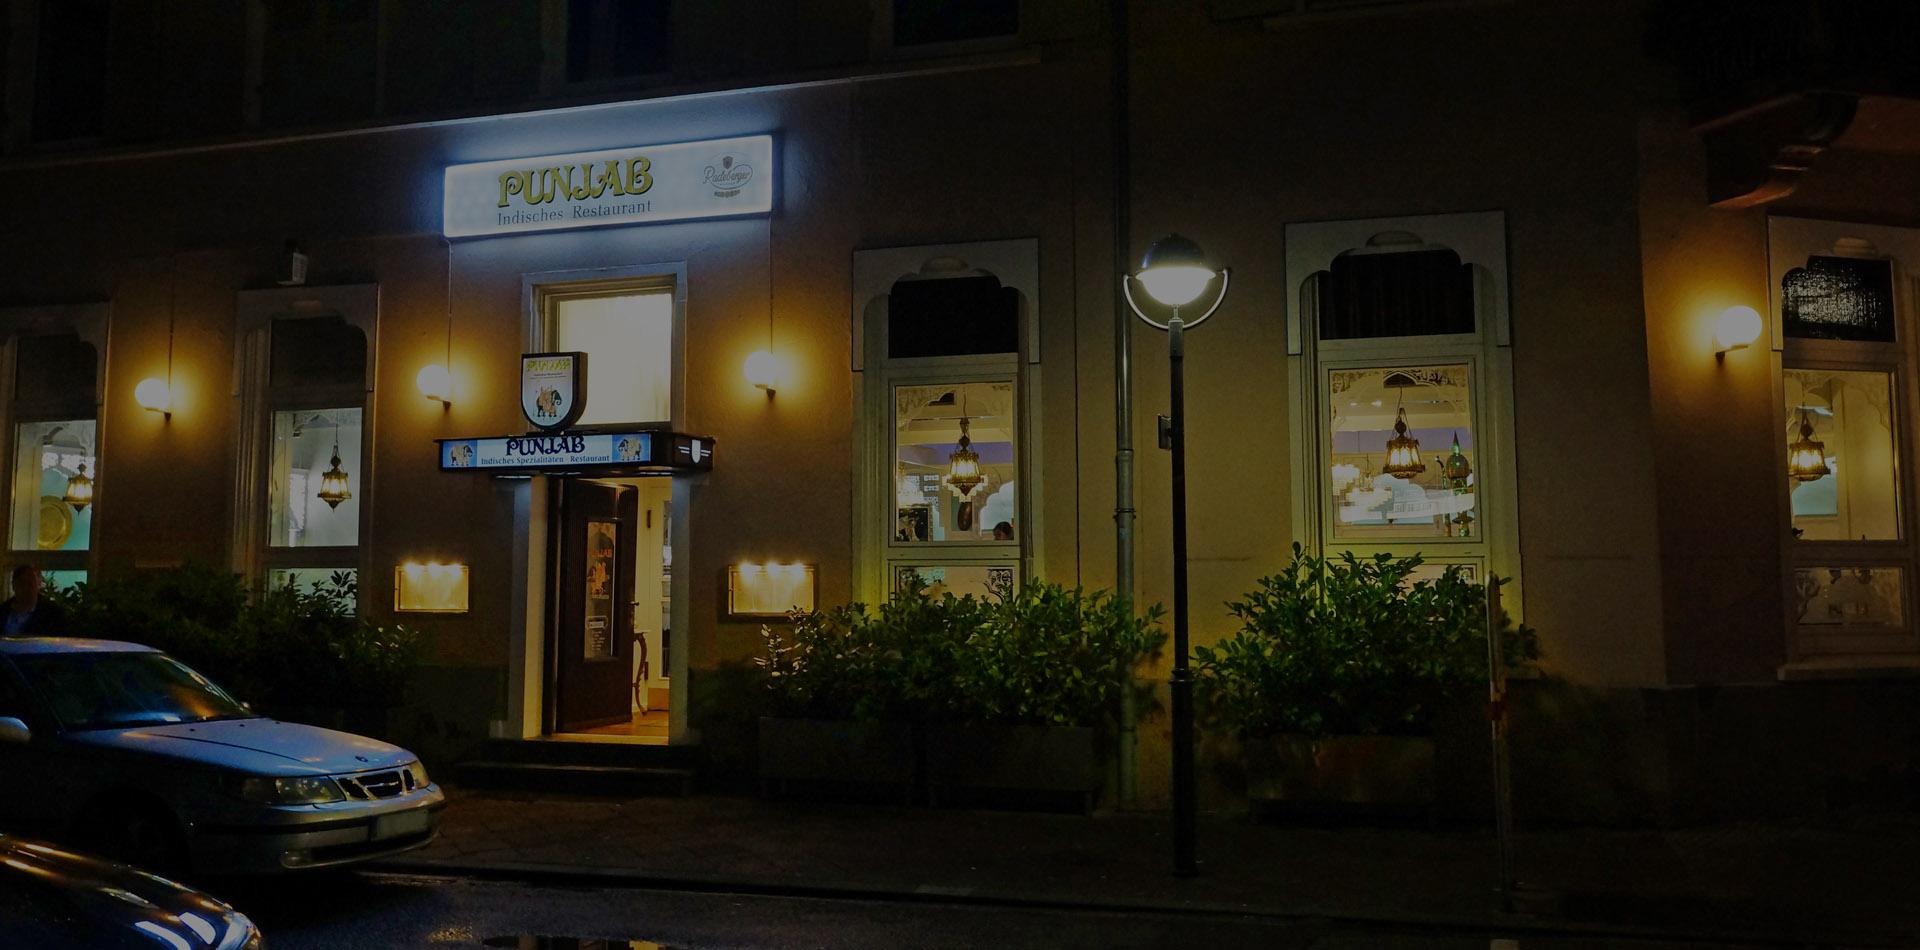 Restaurant Punjab bei Karlsruhe Indisches Restaurant